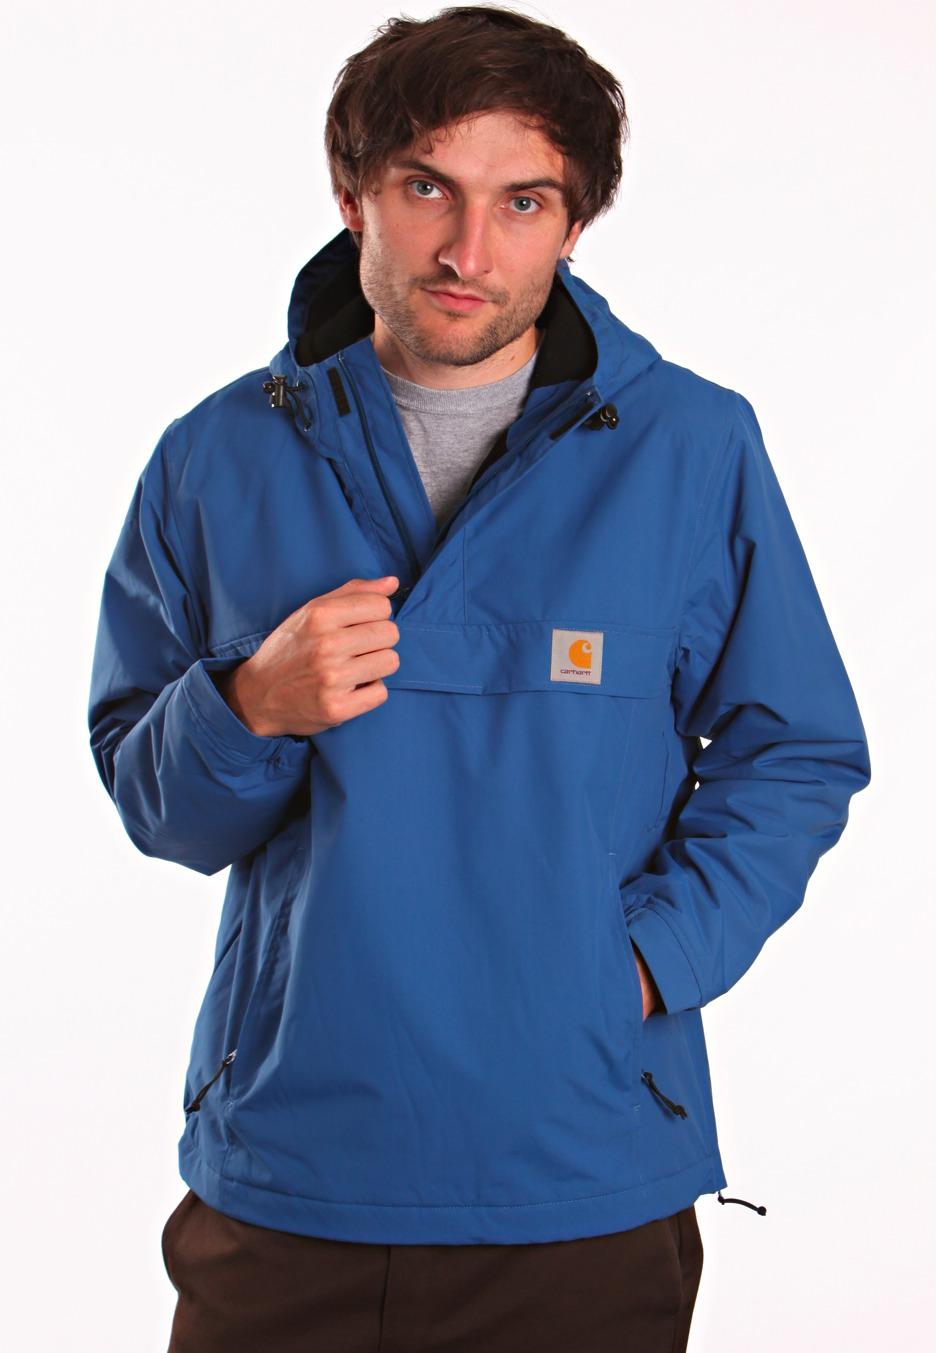 gorące nowe produkty kody kuponów sprzedawca detaliczny Carhartt WIP - Nimbus Peacock - Jacket